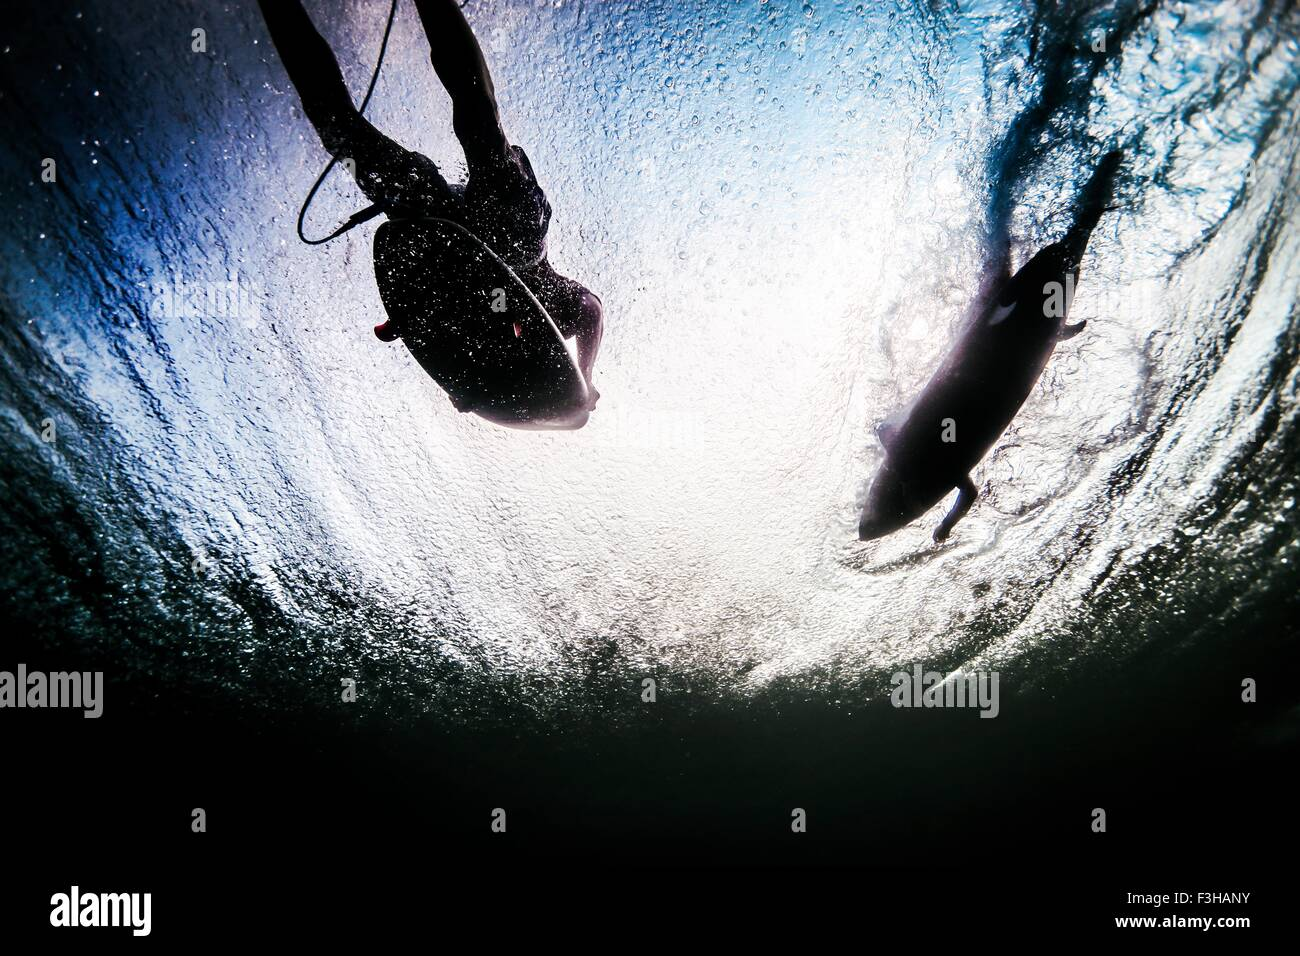 Low angle sous-vue de deux surfers silhouetted pagayer à travers les vagues de l'océan à Bali, Photo Stock